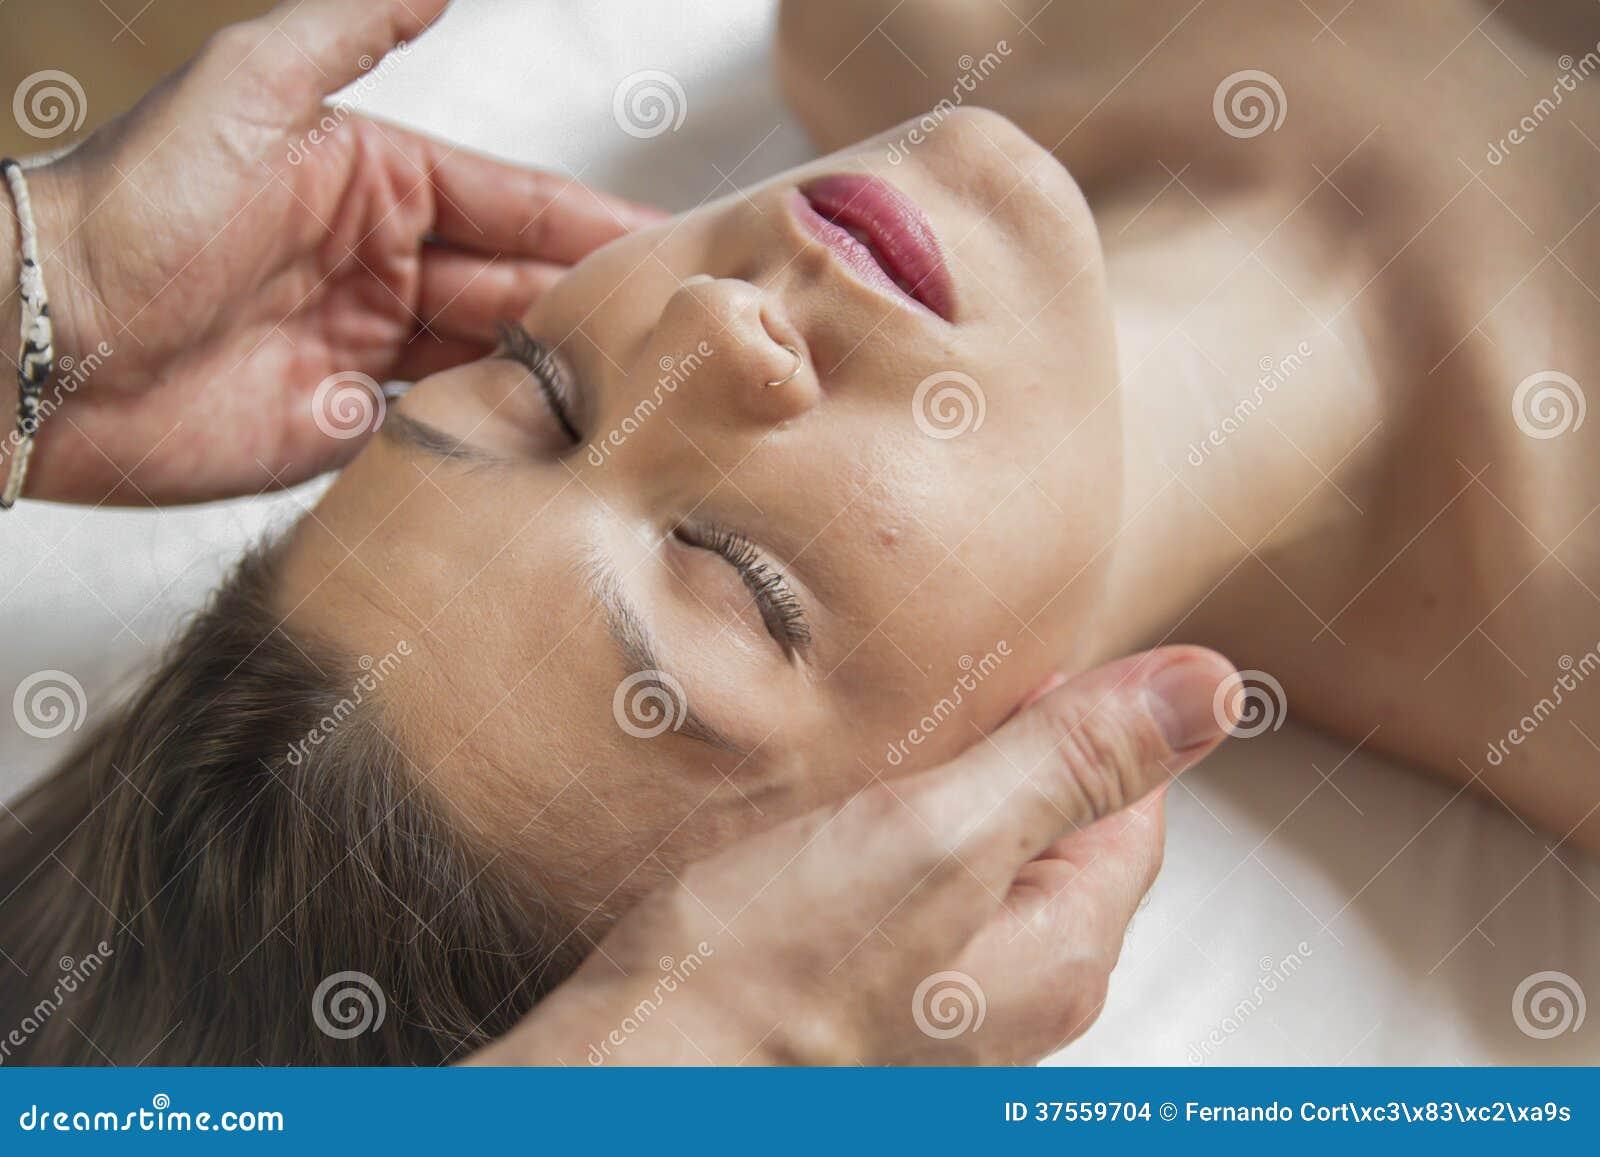 fuera de masaje salida